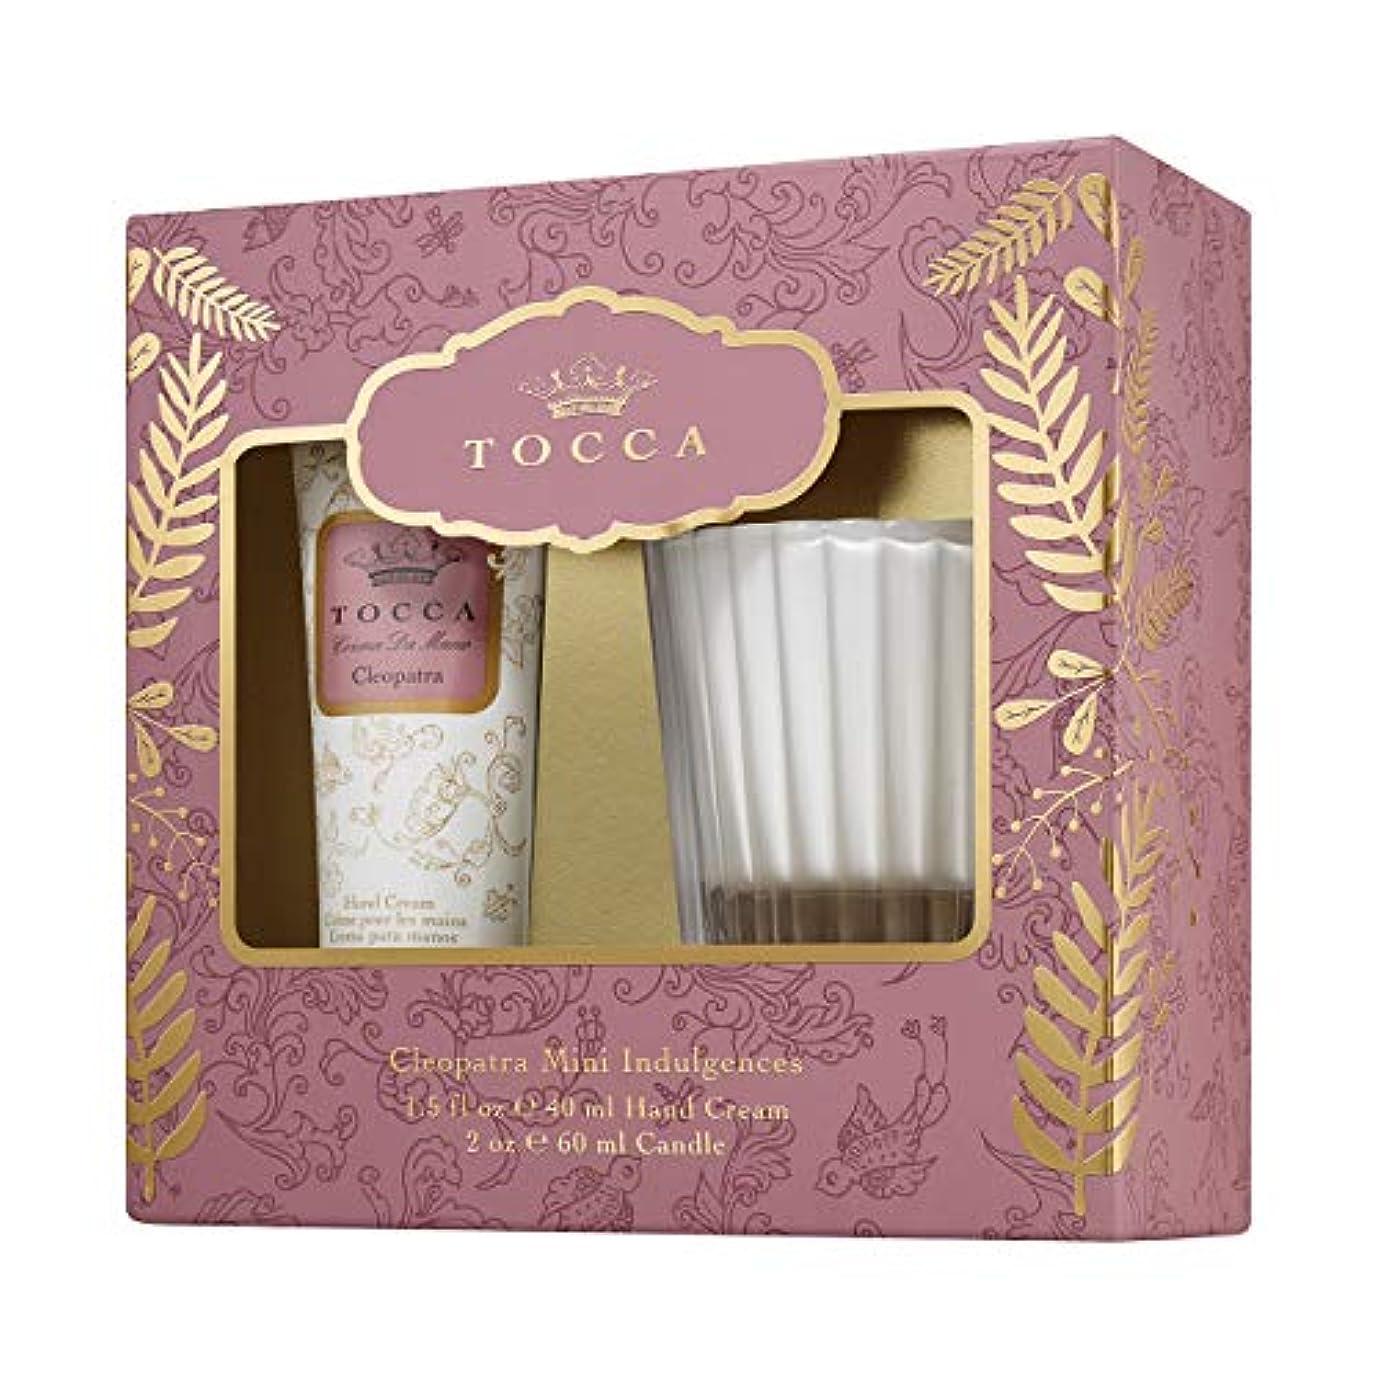 野心証明書出身地TOCCA ホリデーセットパルマ クレオパトラの香り(ハンドクリームとキャンドルの贅沢ギフト)